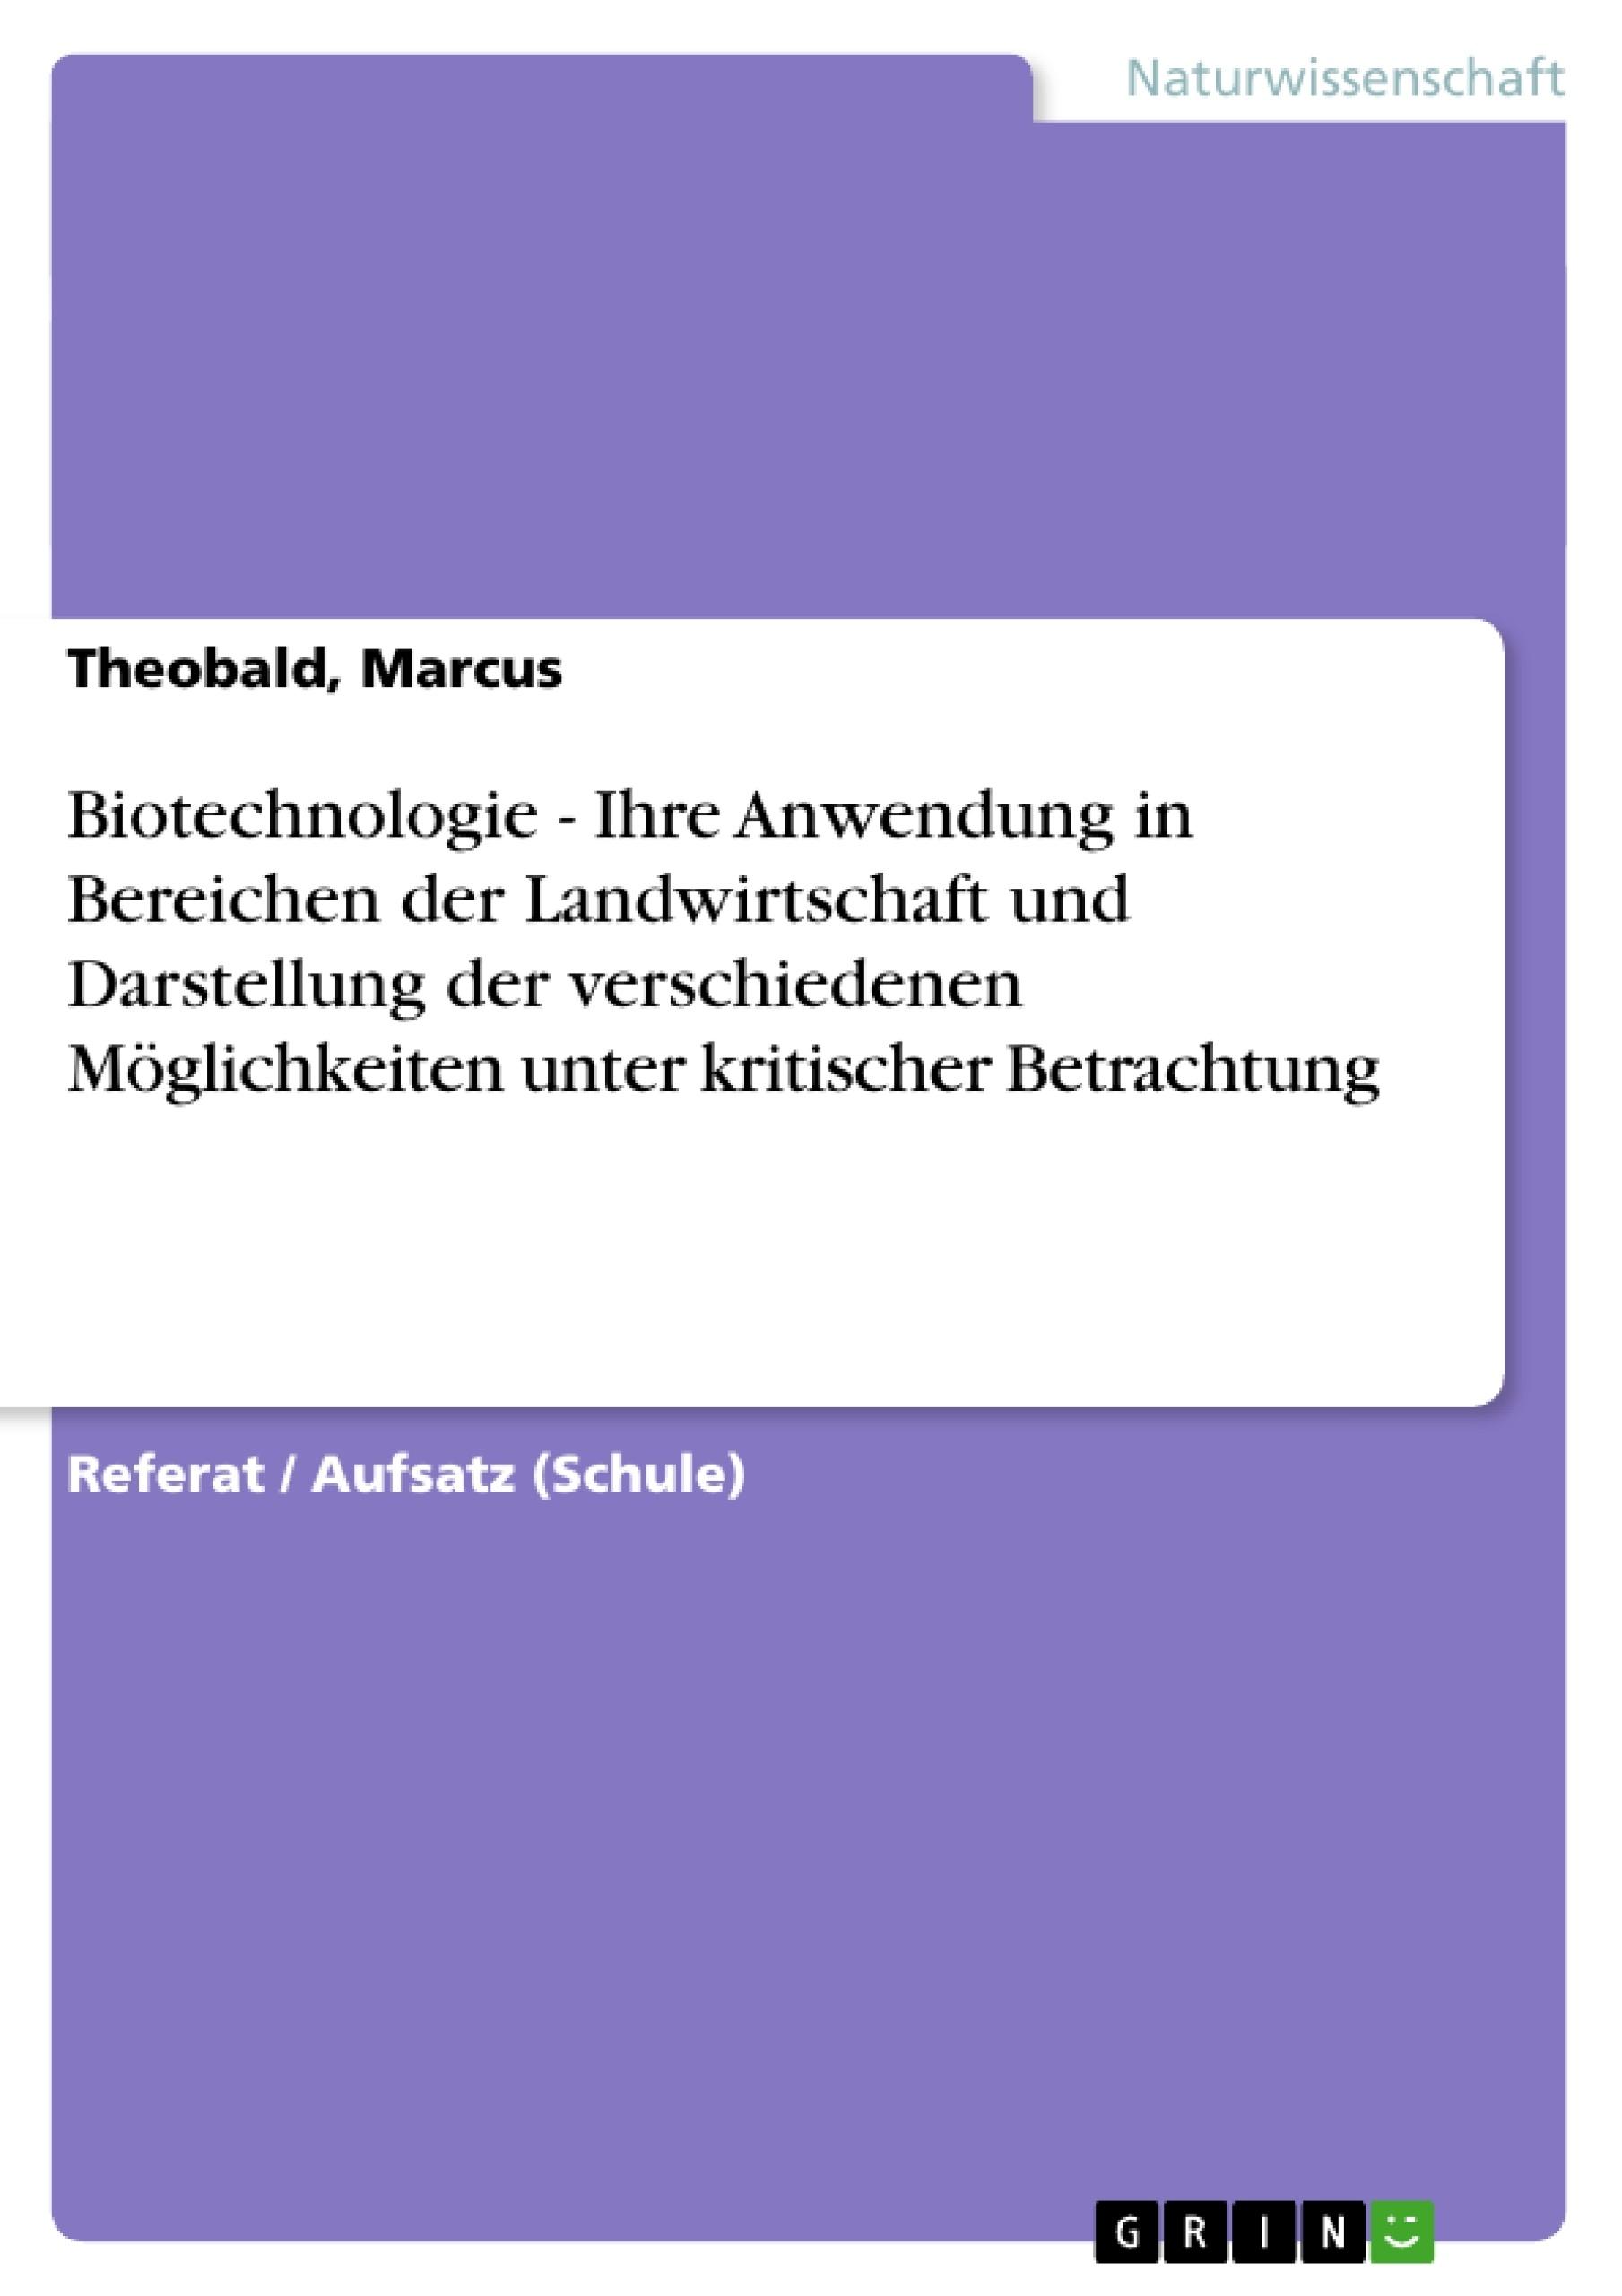 Titel: Biotechnologie  - Ihre Anwendung in Bereichen der Landwirtschaft und  Darstellung der verschiedenen Möglichkeiten unter kritischer Betrachtung